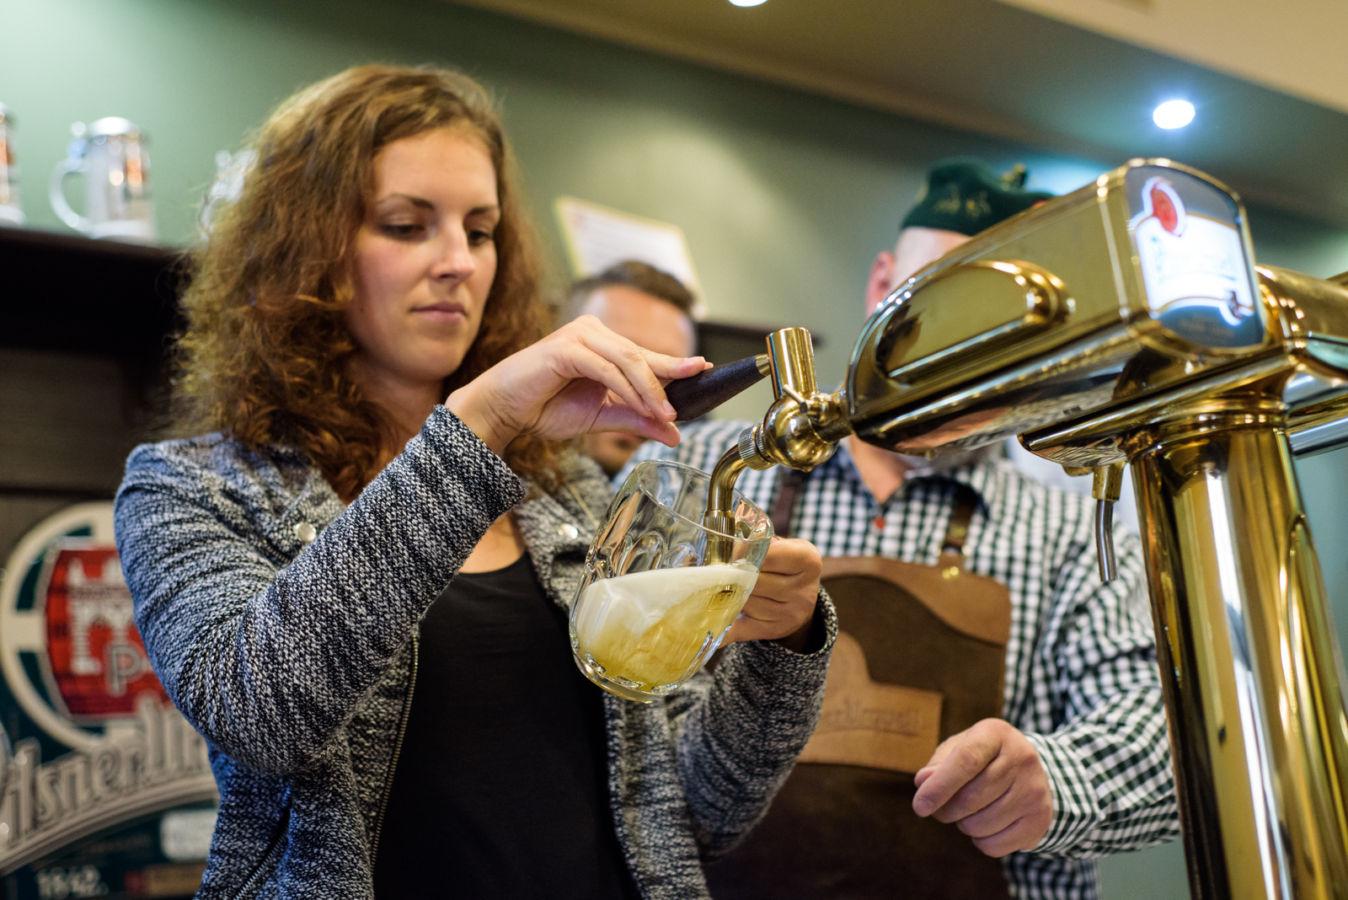 Tip pro zvídavé dospěláky: Škola čepování piva Pilsner Urquell má otevřeno i o prázdninách!